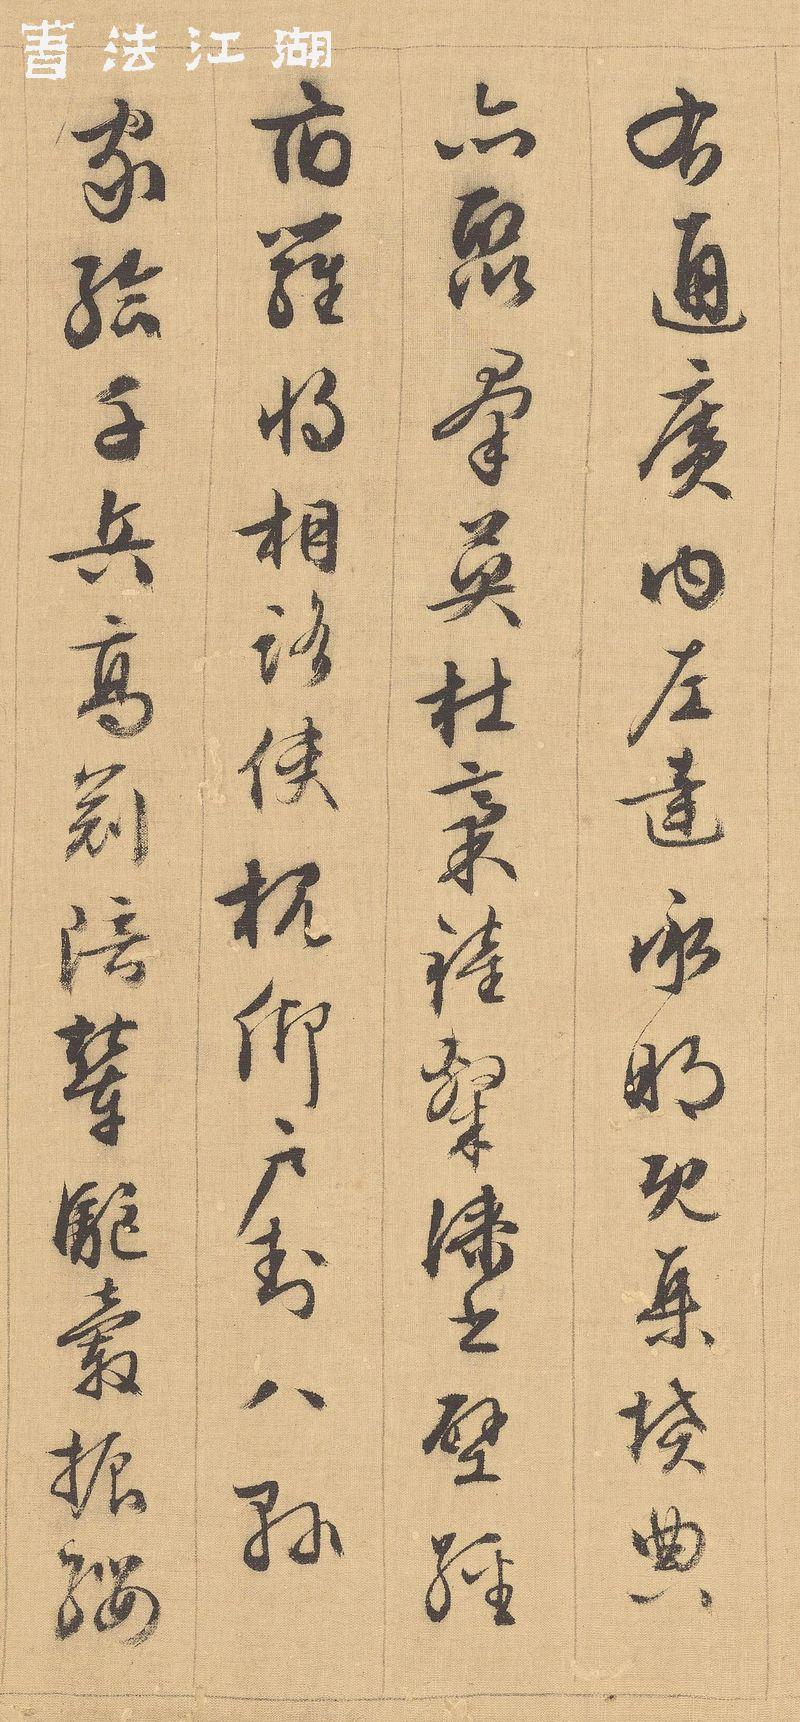 文徵明-行书千字文-11.jpg